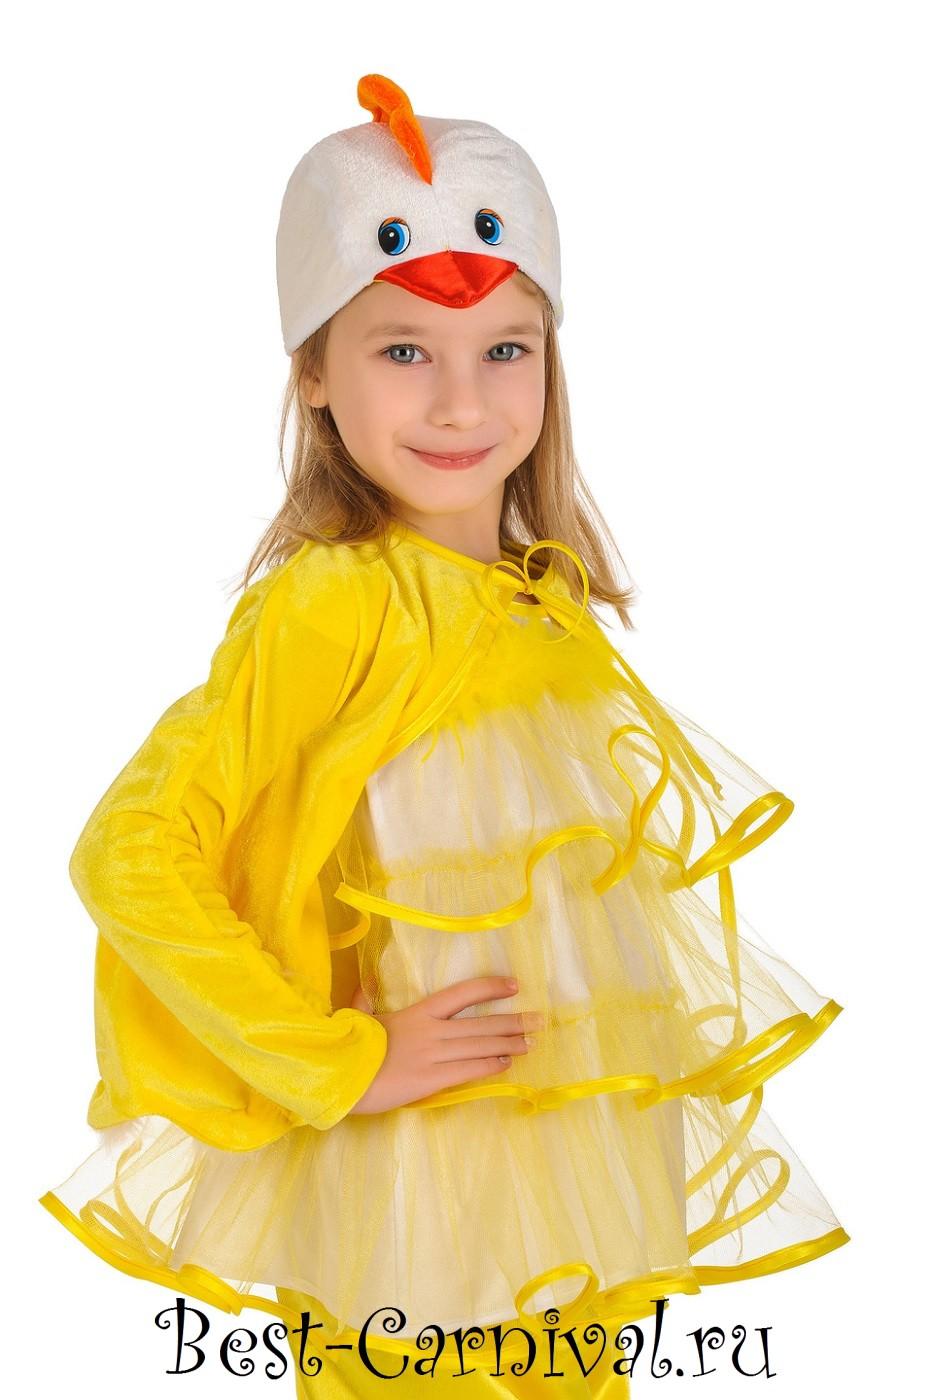 Купить карнавальный костюм для девочки Скромный цыпленок